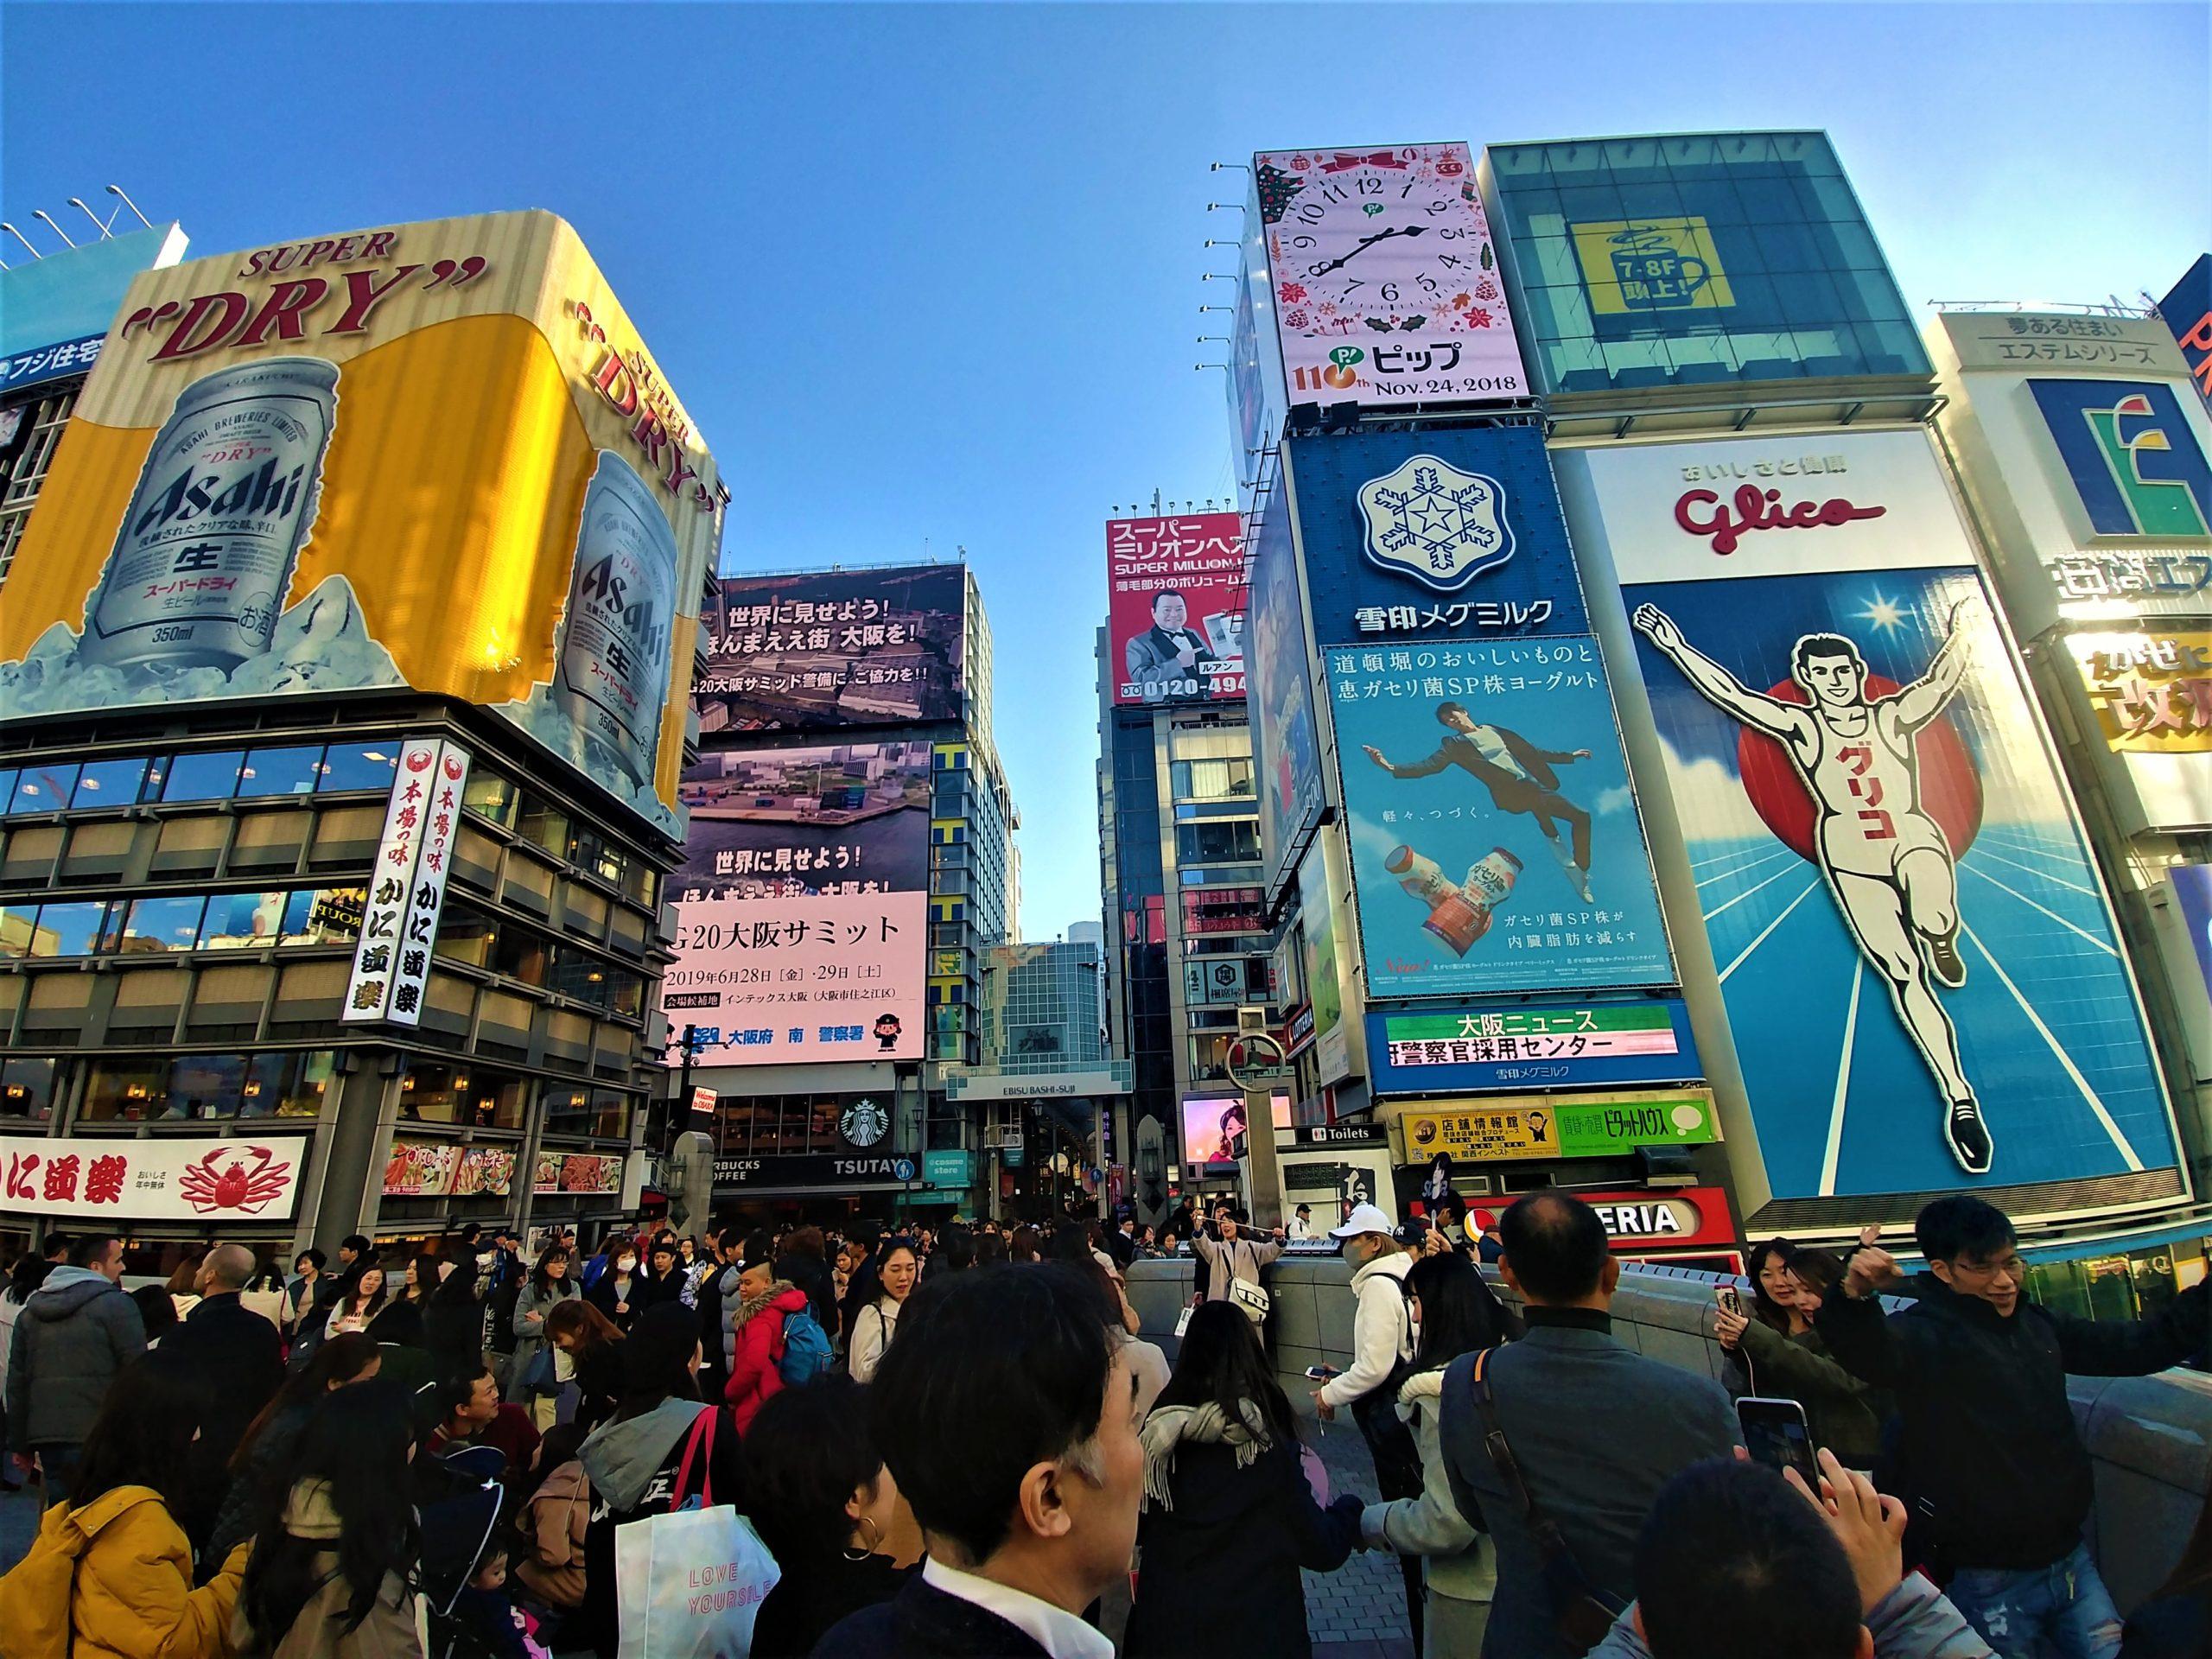 Osaka visiter Dotonbori Namba infos pratiques blog voyage japon arpenter le chemin